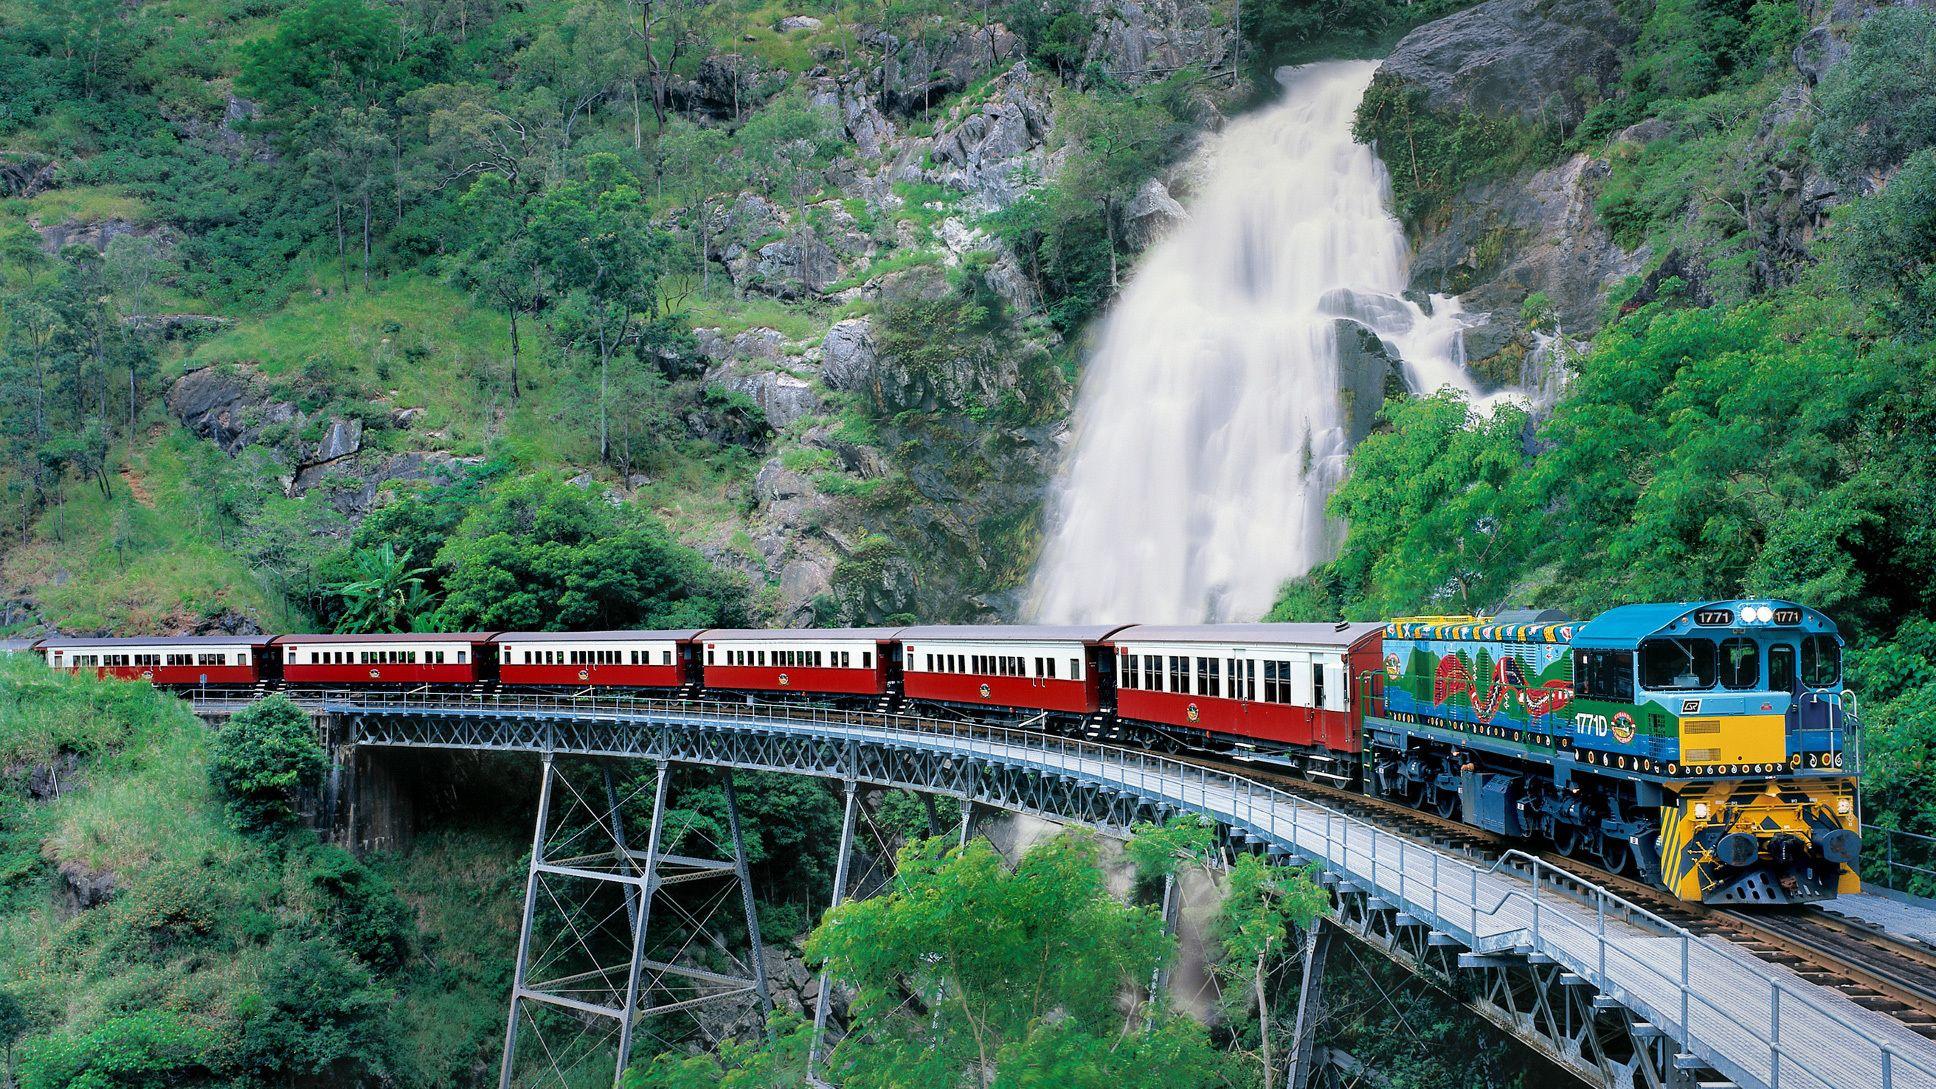 Guided Full-Day Getaway to Kuranda with Skyrail & Scenic Train